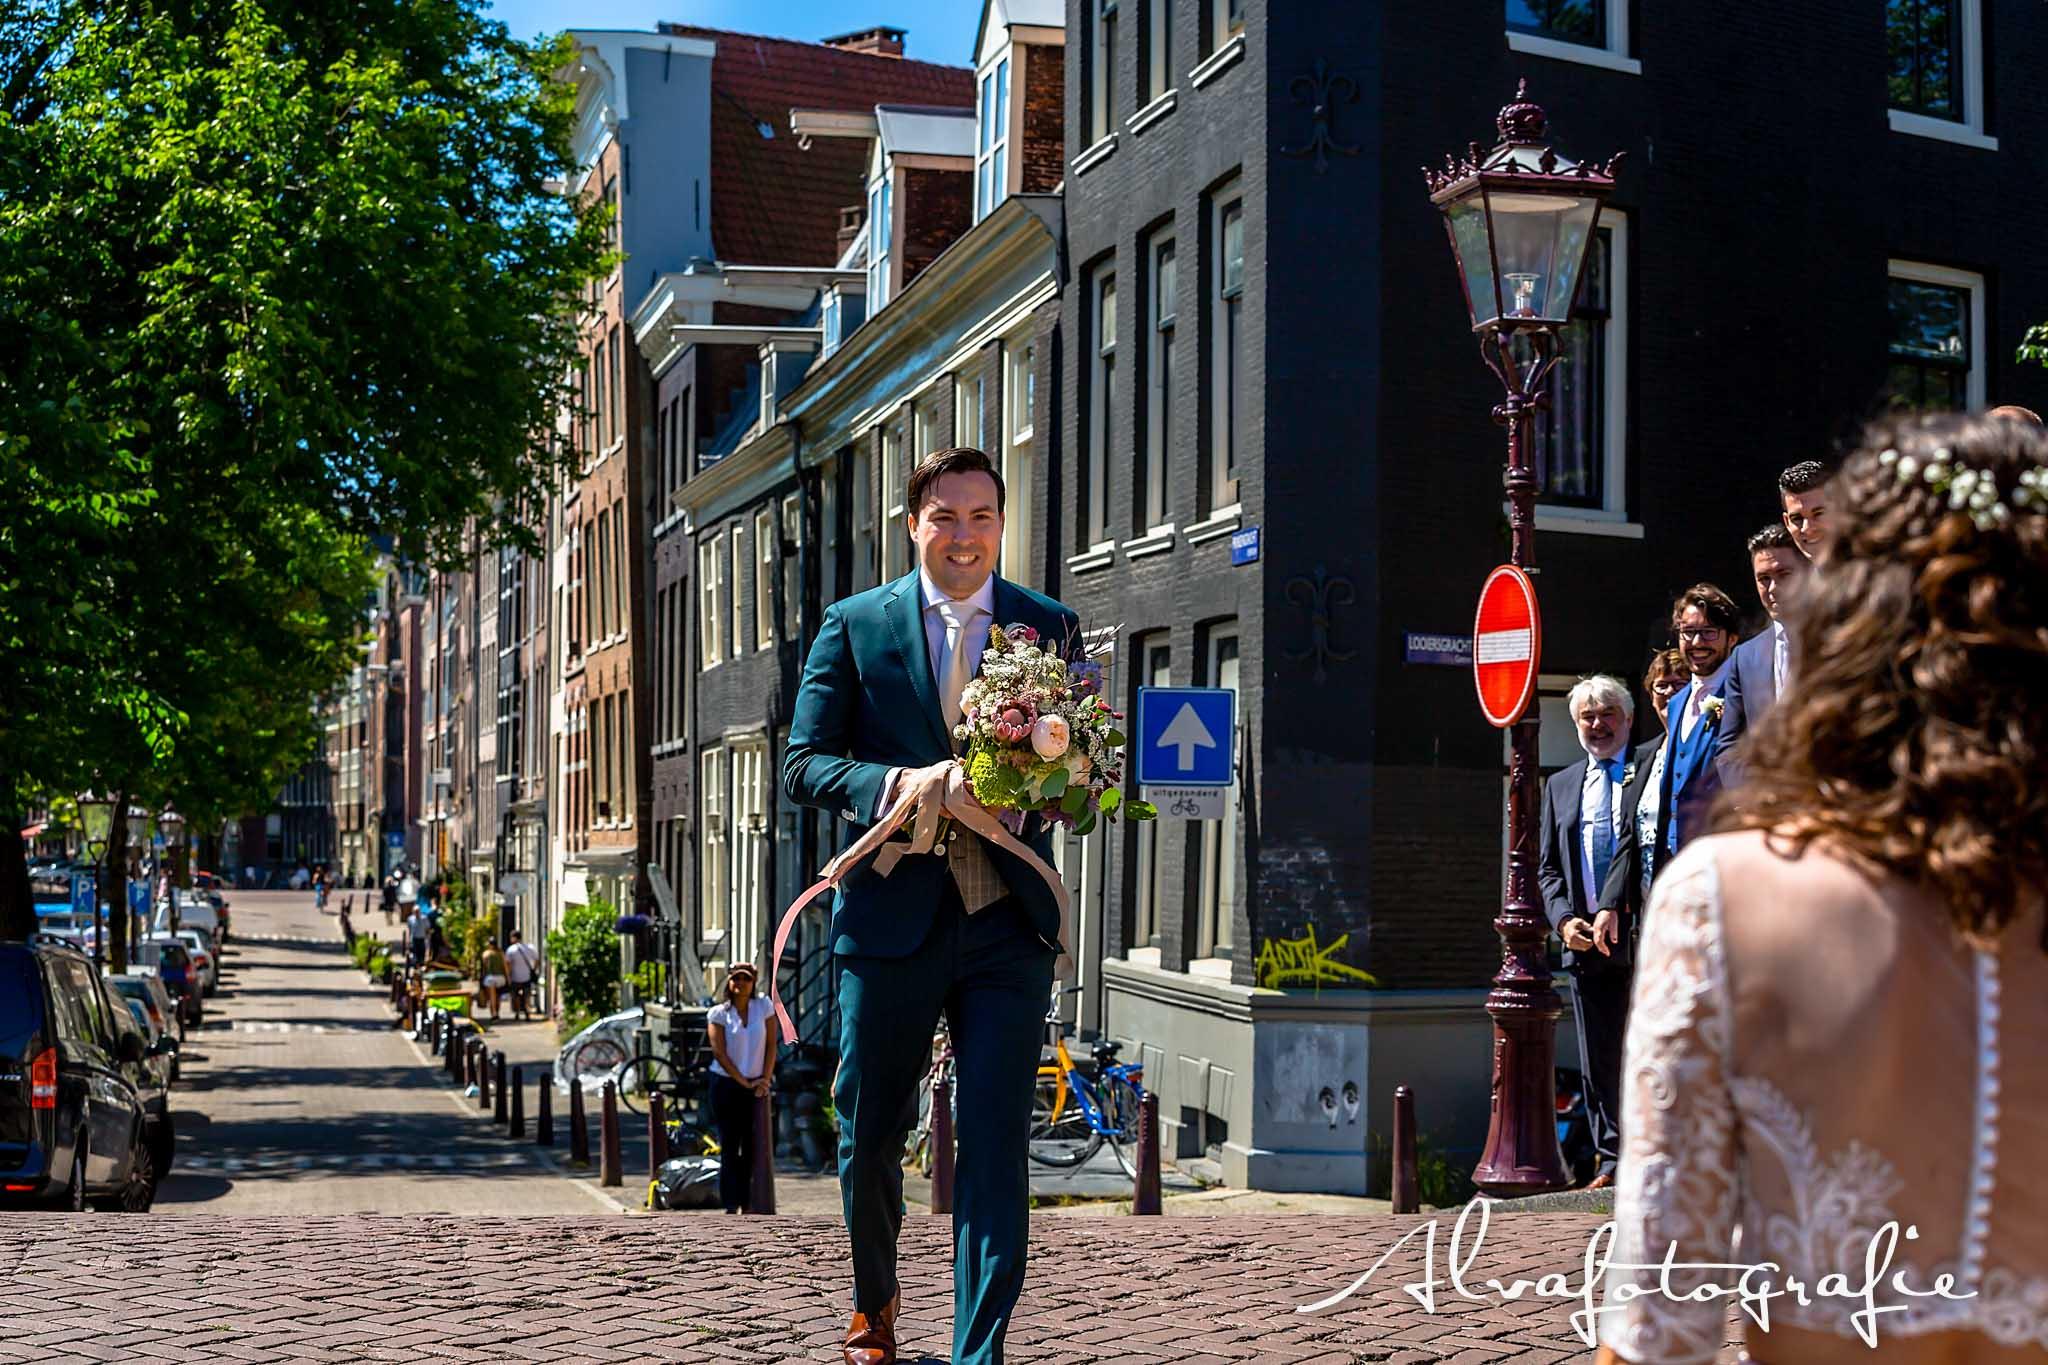 Bruiloft Maren en Tim Alvafotografie bruidegom komt aan met boeket bij bruid grachten Amsterdam